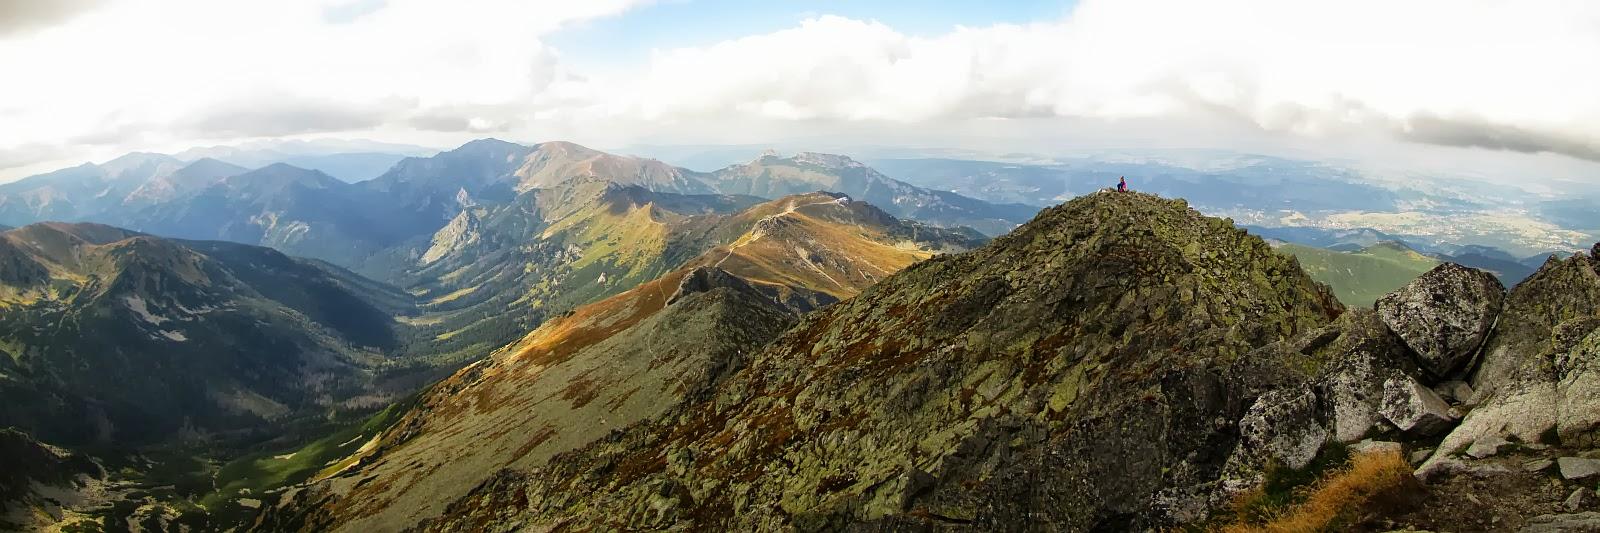 Panorama na zachód ze Świnicy.